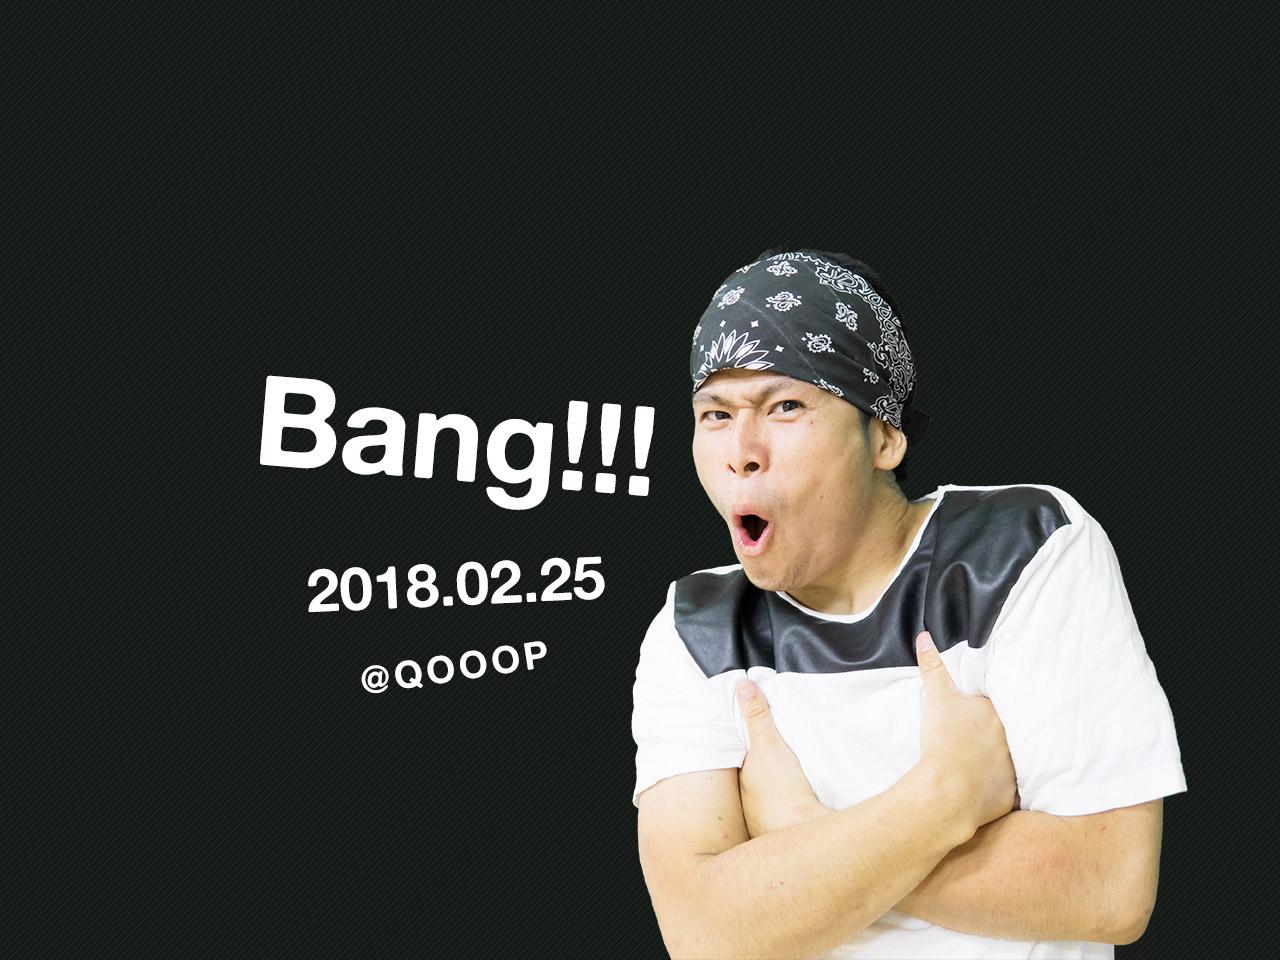 【2/25(日)QOOOP開催】Bang!!!「Richigi主催のソロバトルイベント」